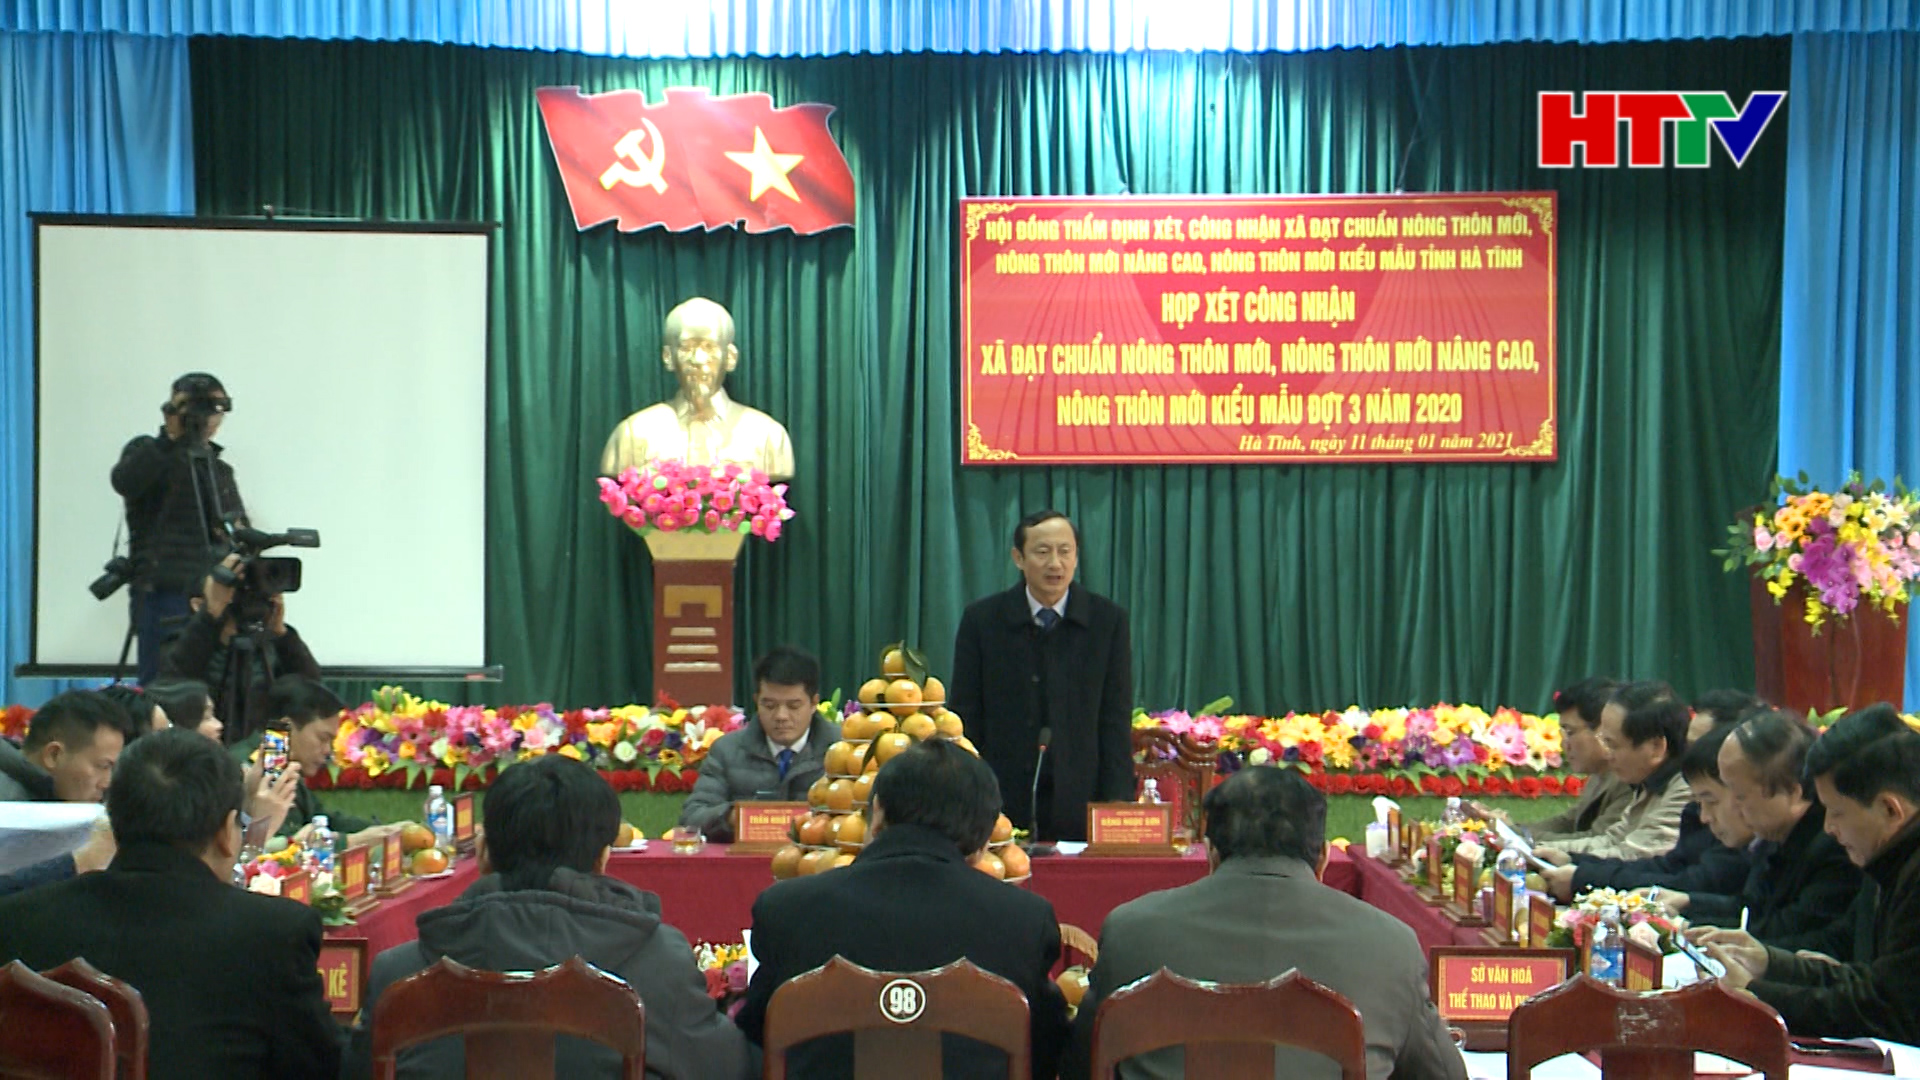 Chủ tịch UBMTTQ tỉnh Trần Nhật Tân và Phó Chủ tịch UBND tỉnh Đặng Ngọc Sơn chủ trì cuộc họp.